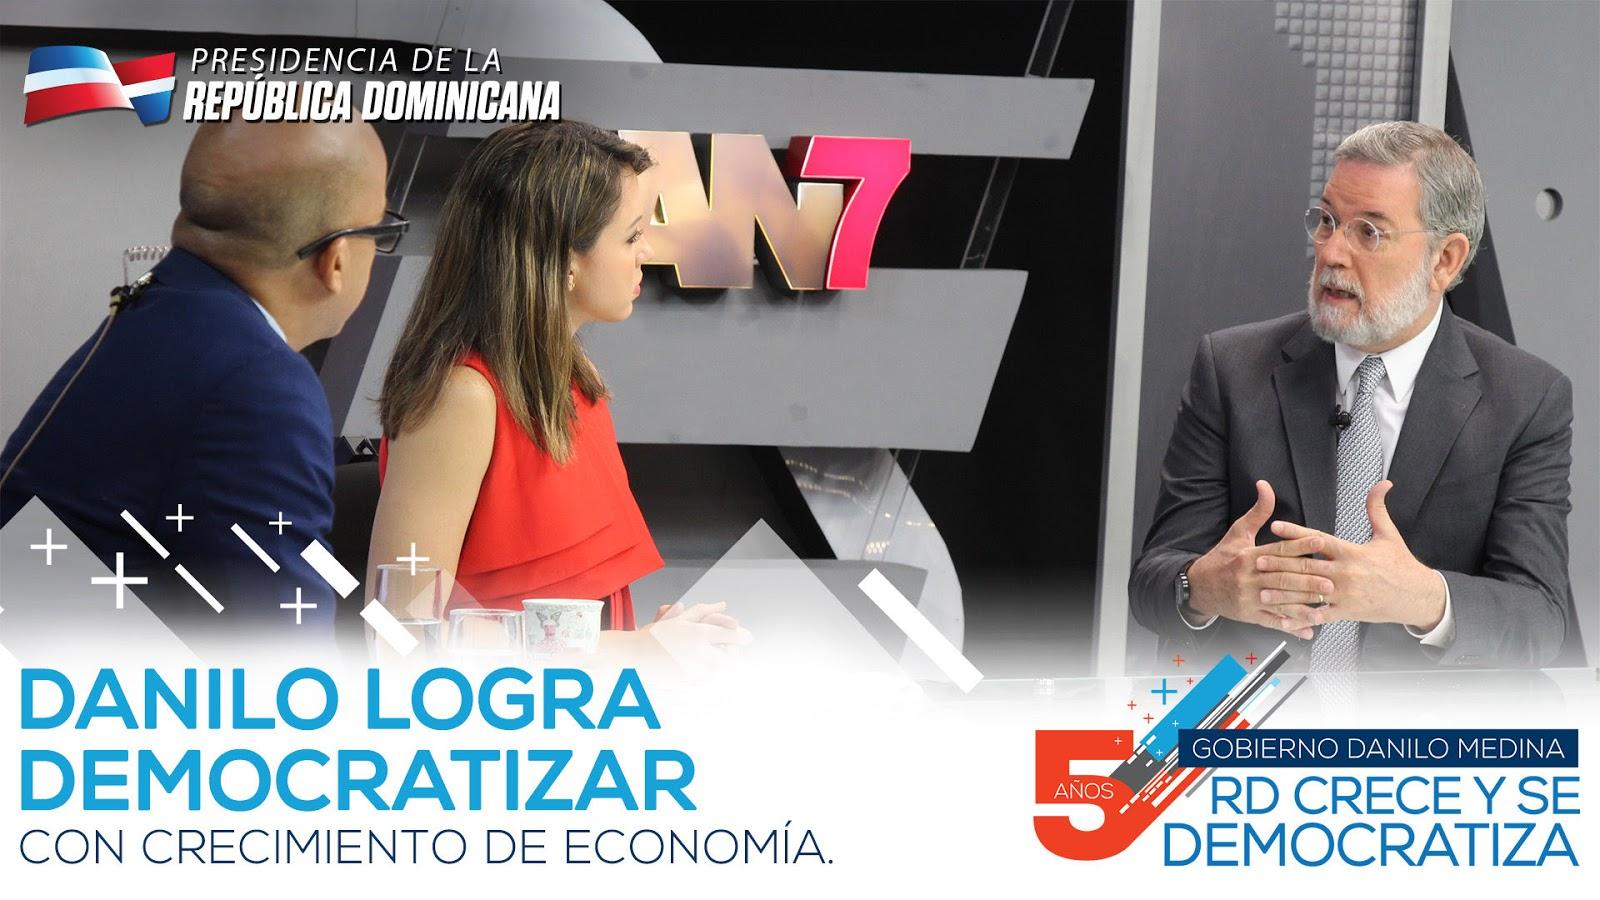 VIDEO: Danilo logra democratizar con crecimiento economía